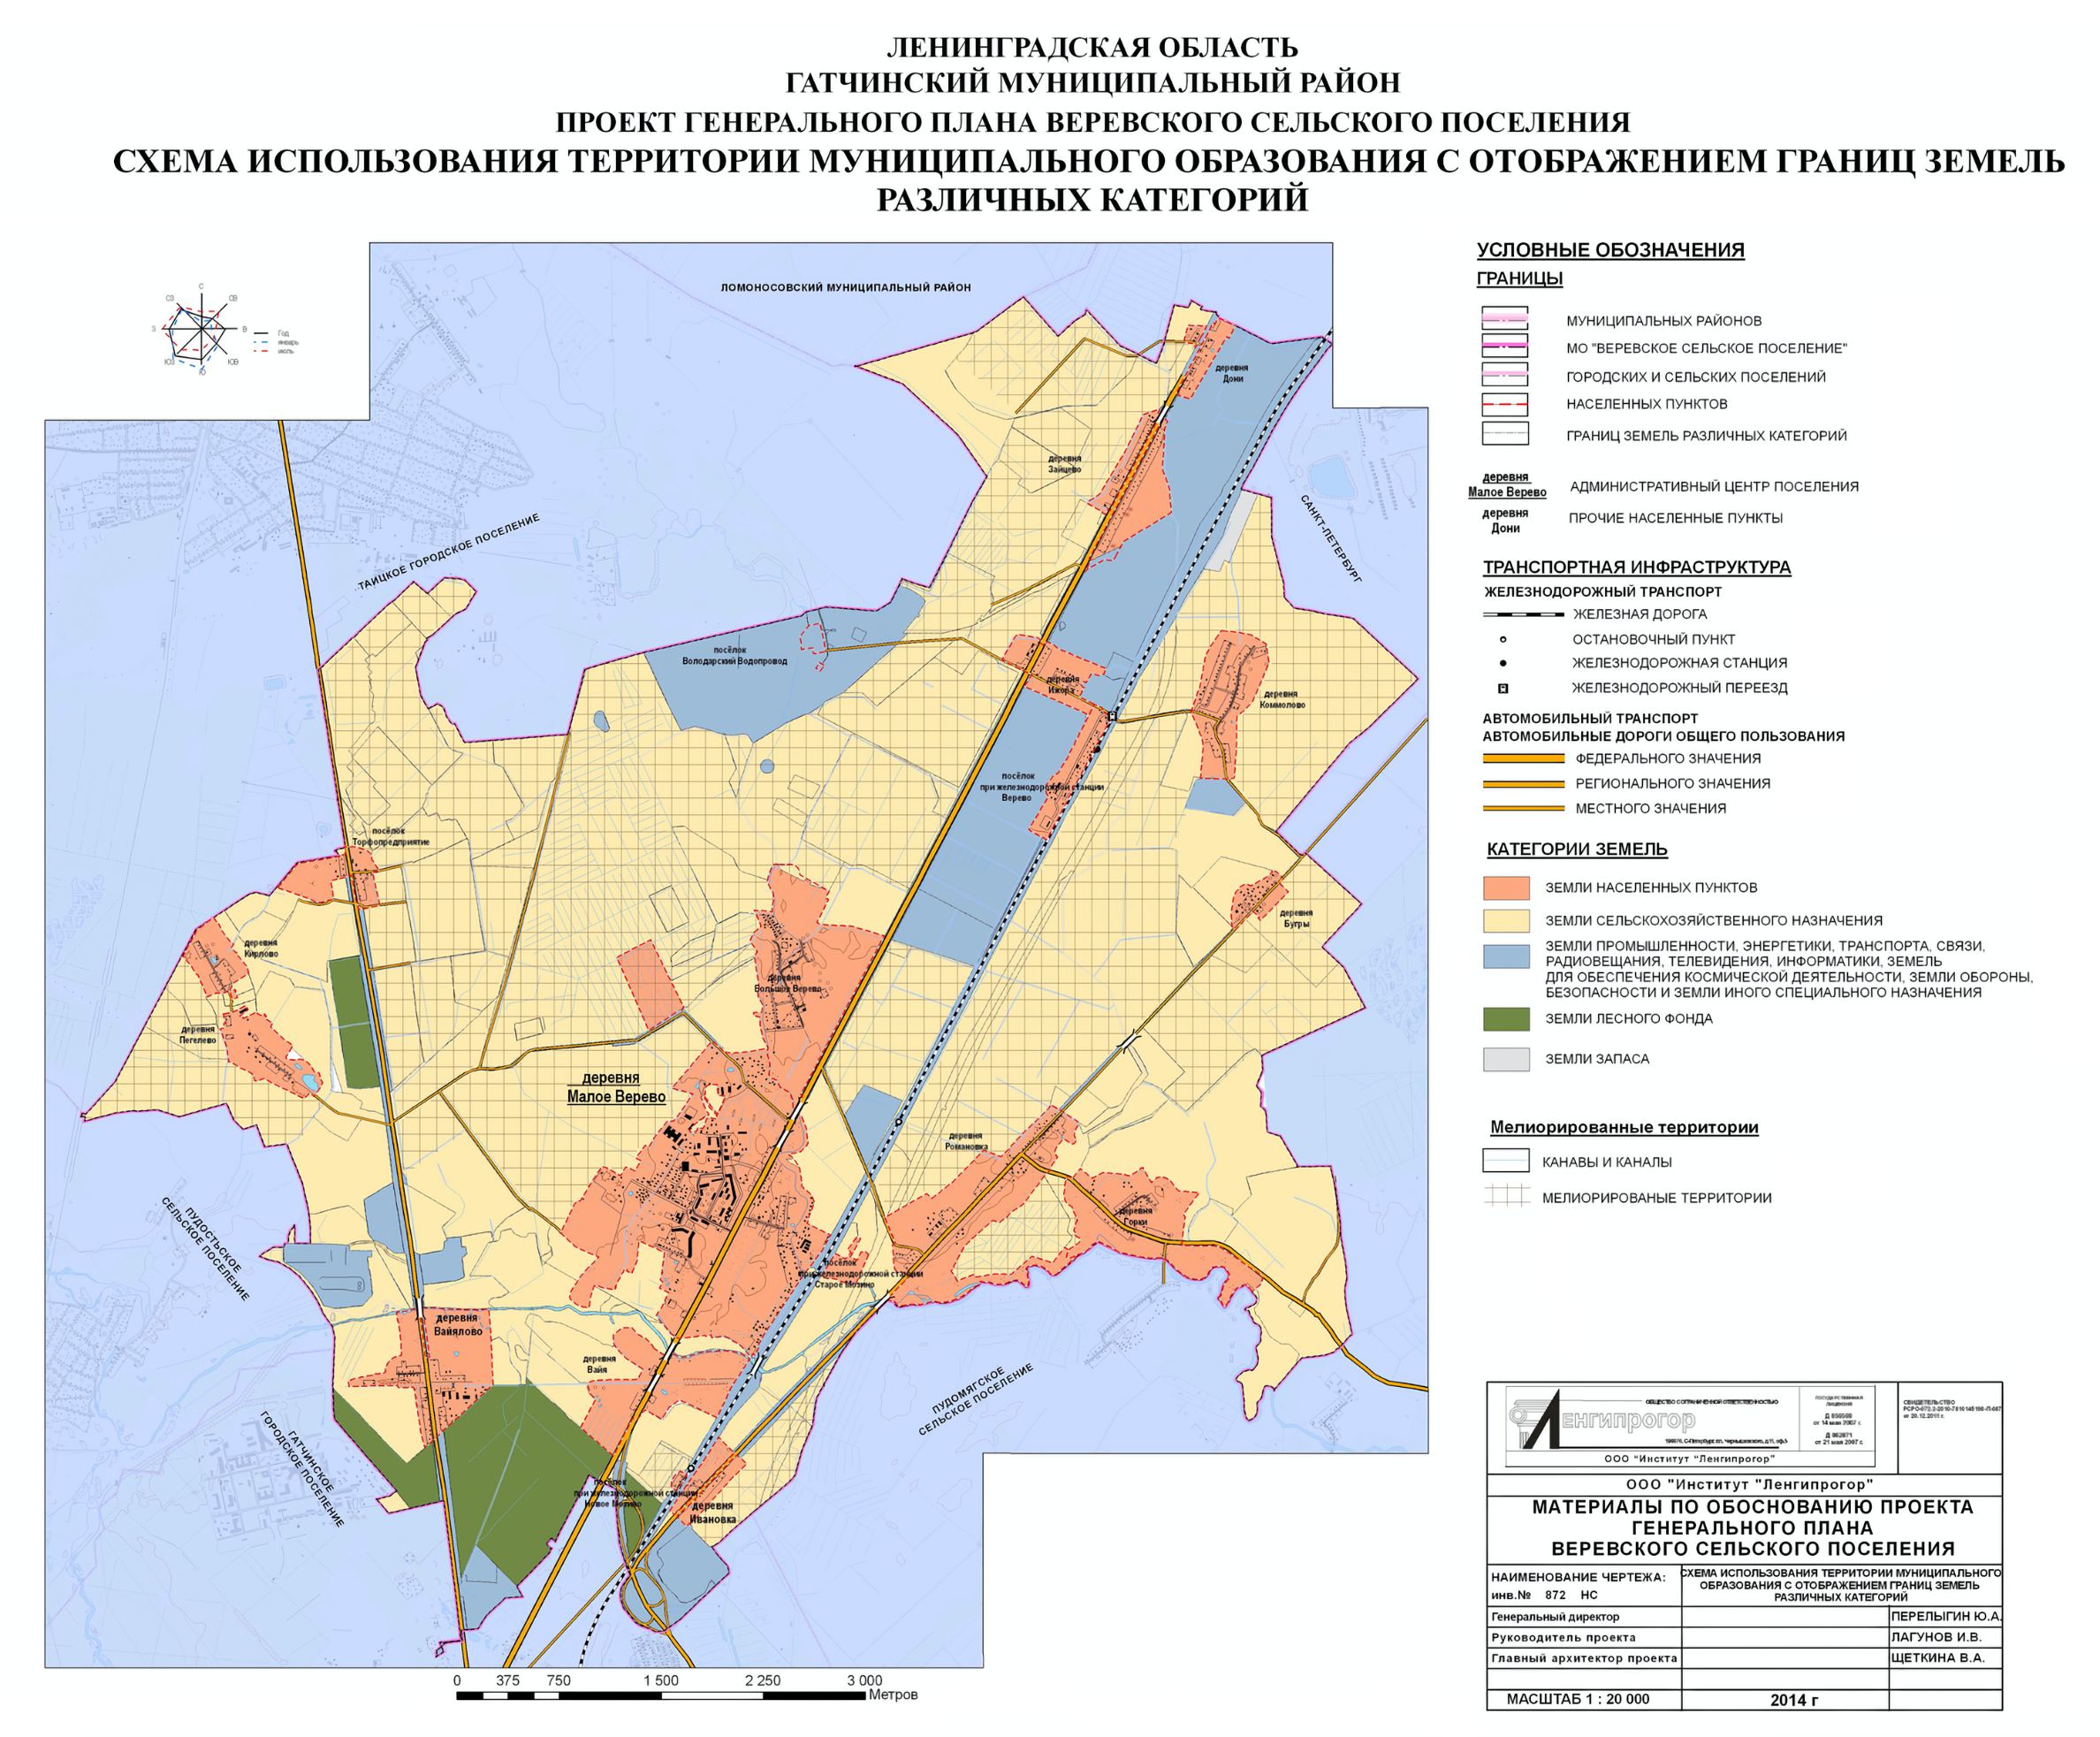 Перед нами открывается карта категорий земель Веревского сельского поселения. Справа указаны условные обозначения